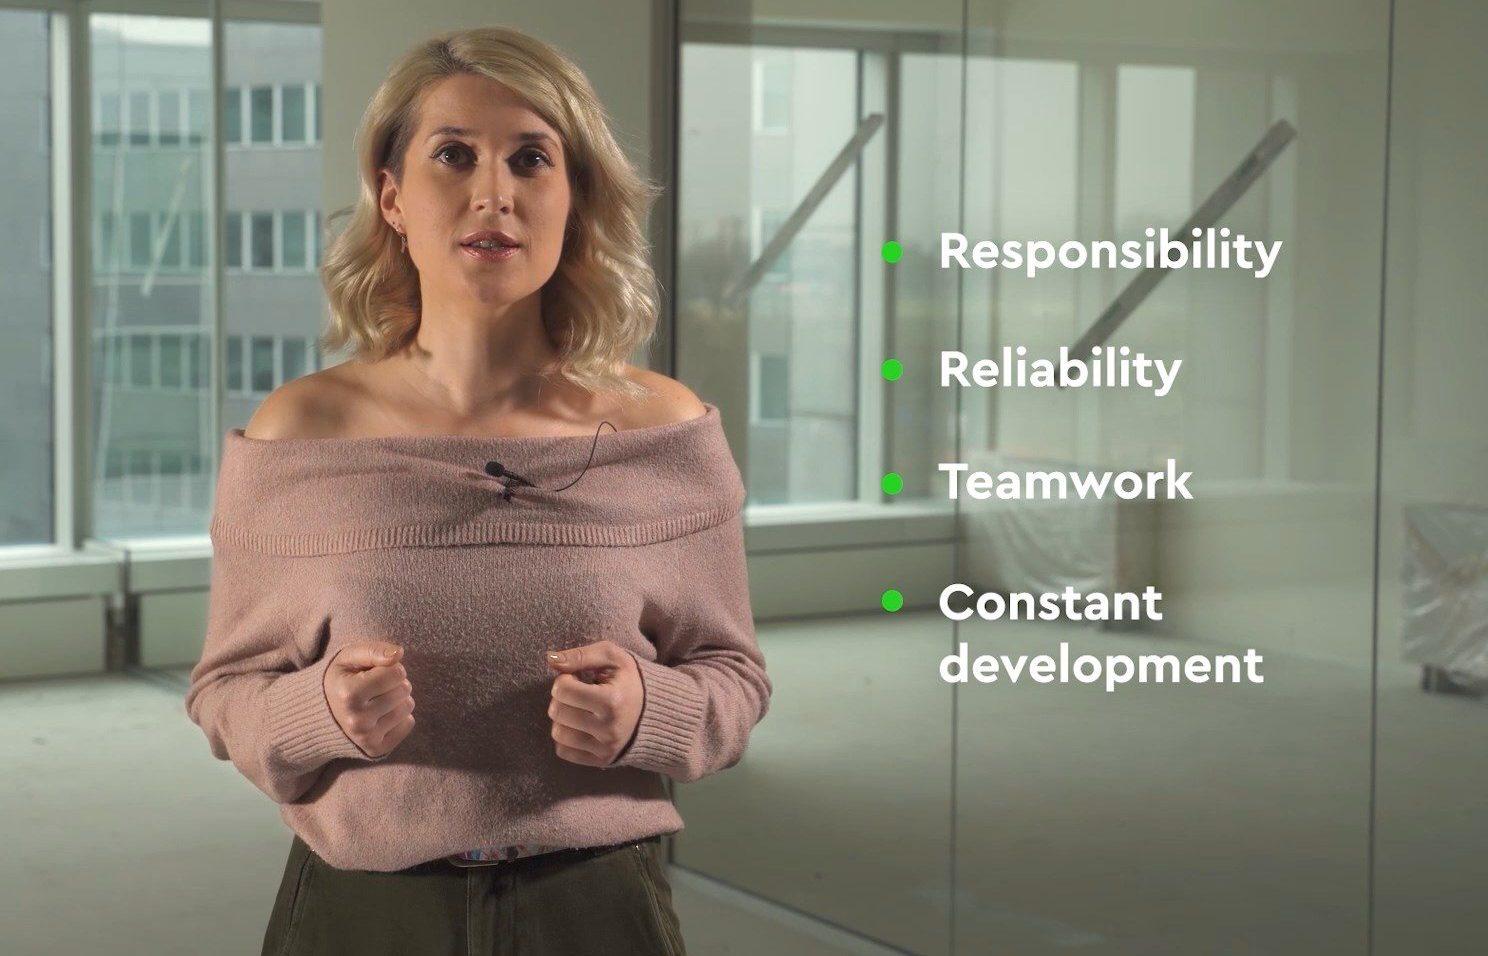 Загальні збори – відеотрансляція, на якій співзасновники Playrix, глави студій і менеджери проєктів діляться результатами за рік і розповідають про плани